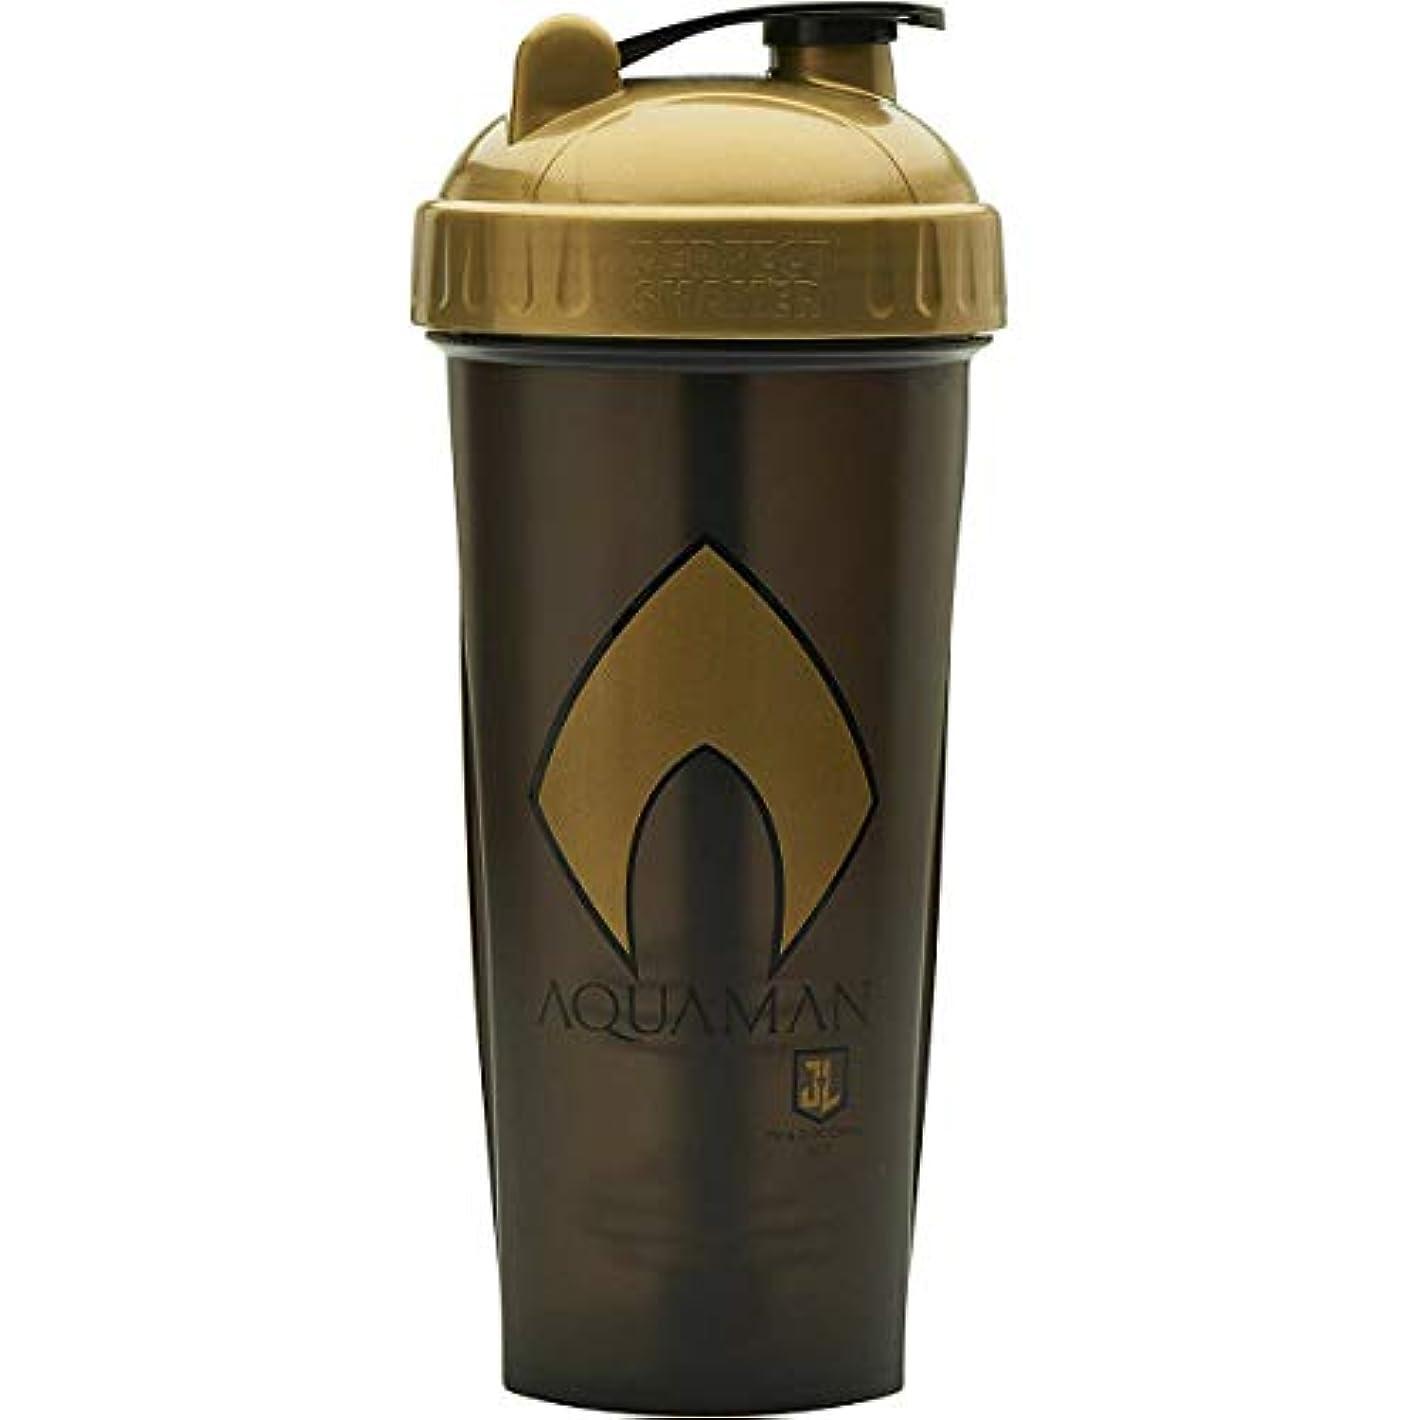 売り手本質的ではないアソシエイトBOT-55 ボトル シェイカー プロテイン 水筒 筋トレ ジム ブレンダ― ミキサー ヒーロー 800ml (BOT-55)